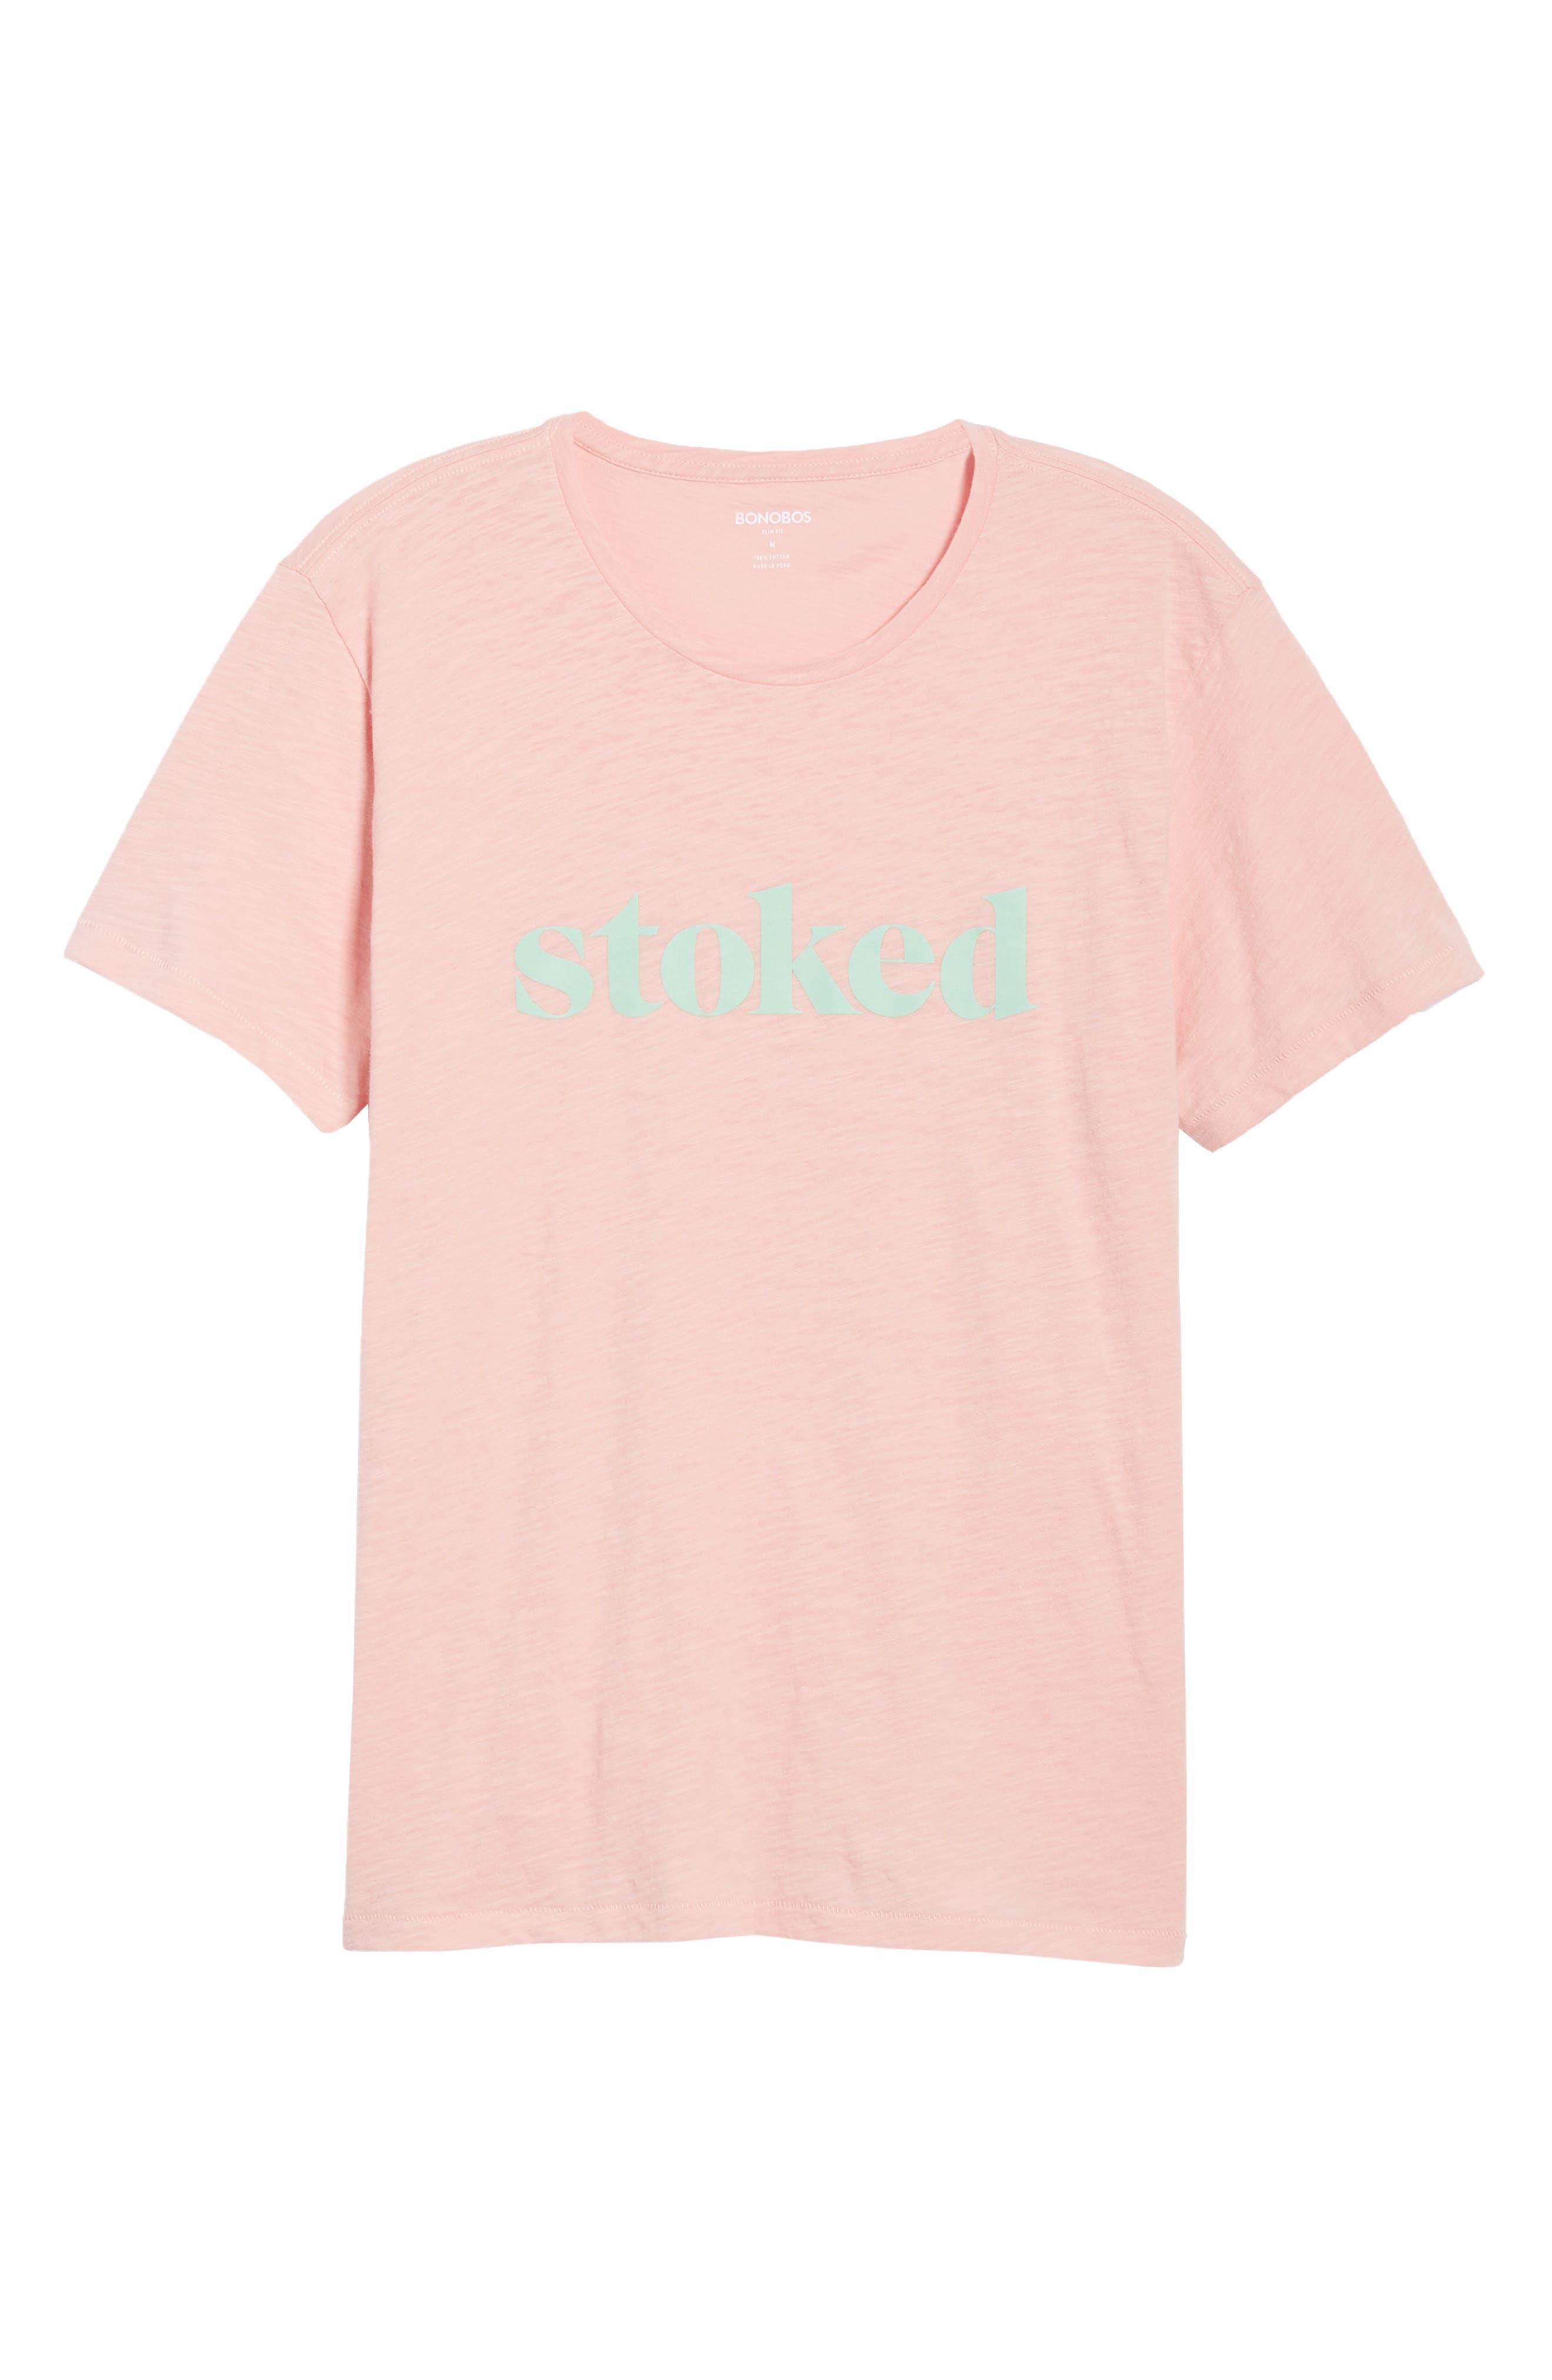 Stoked Slub T-Shirt,                             Alternate thumbnail 6, color,                             650